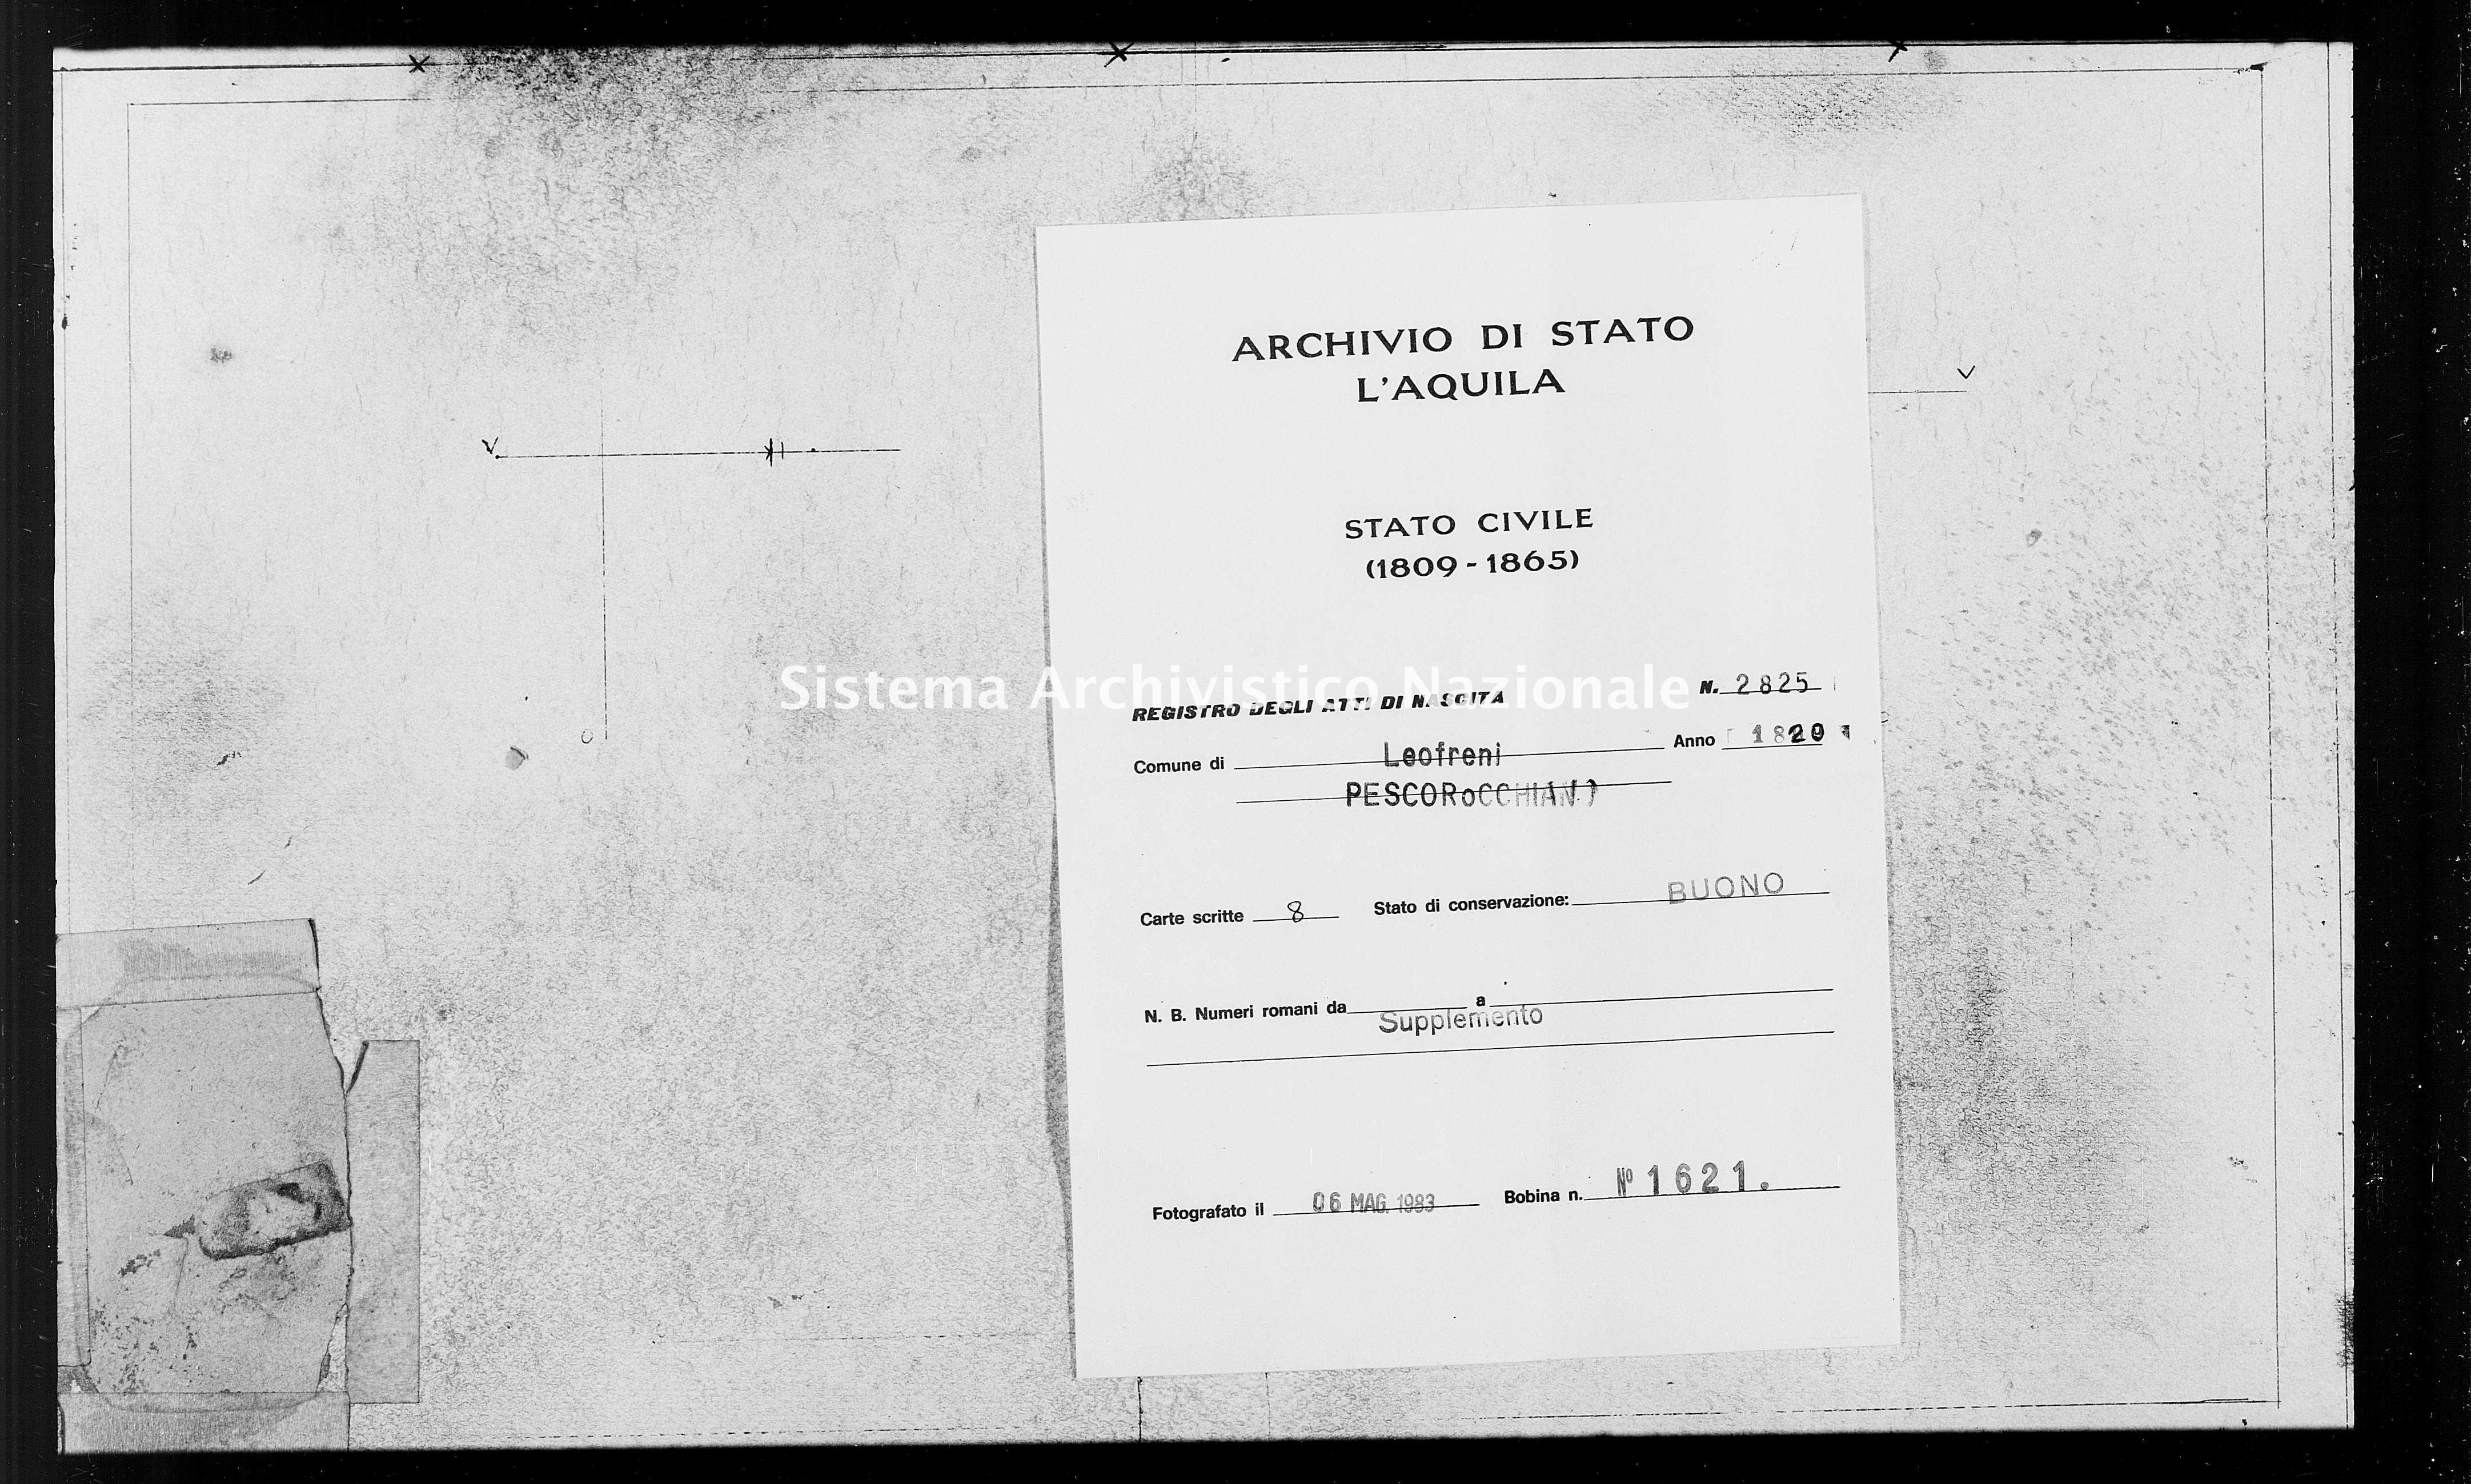 Archivio di stato di L'aquila - Stato civile della restaurazione - Leofreni - Nati, battesimi - 1820 - 2825 -